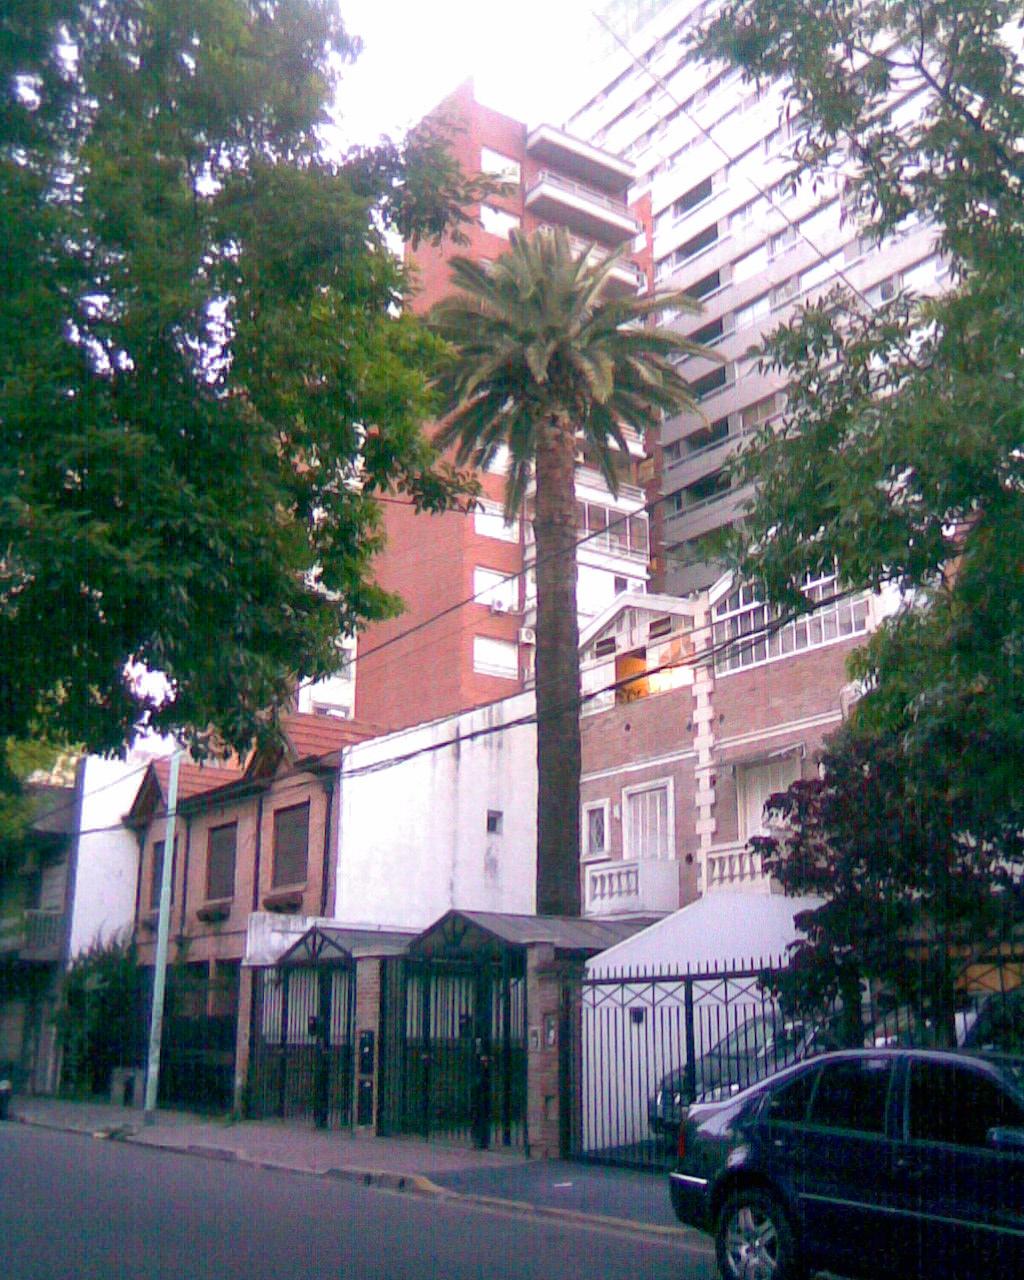 El blog de sirthomas sirpictures la casa de la palmera y - La casa de las palmeras ...